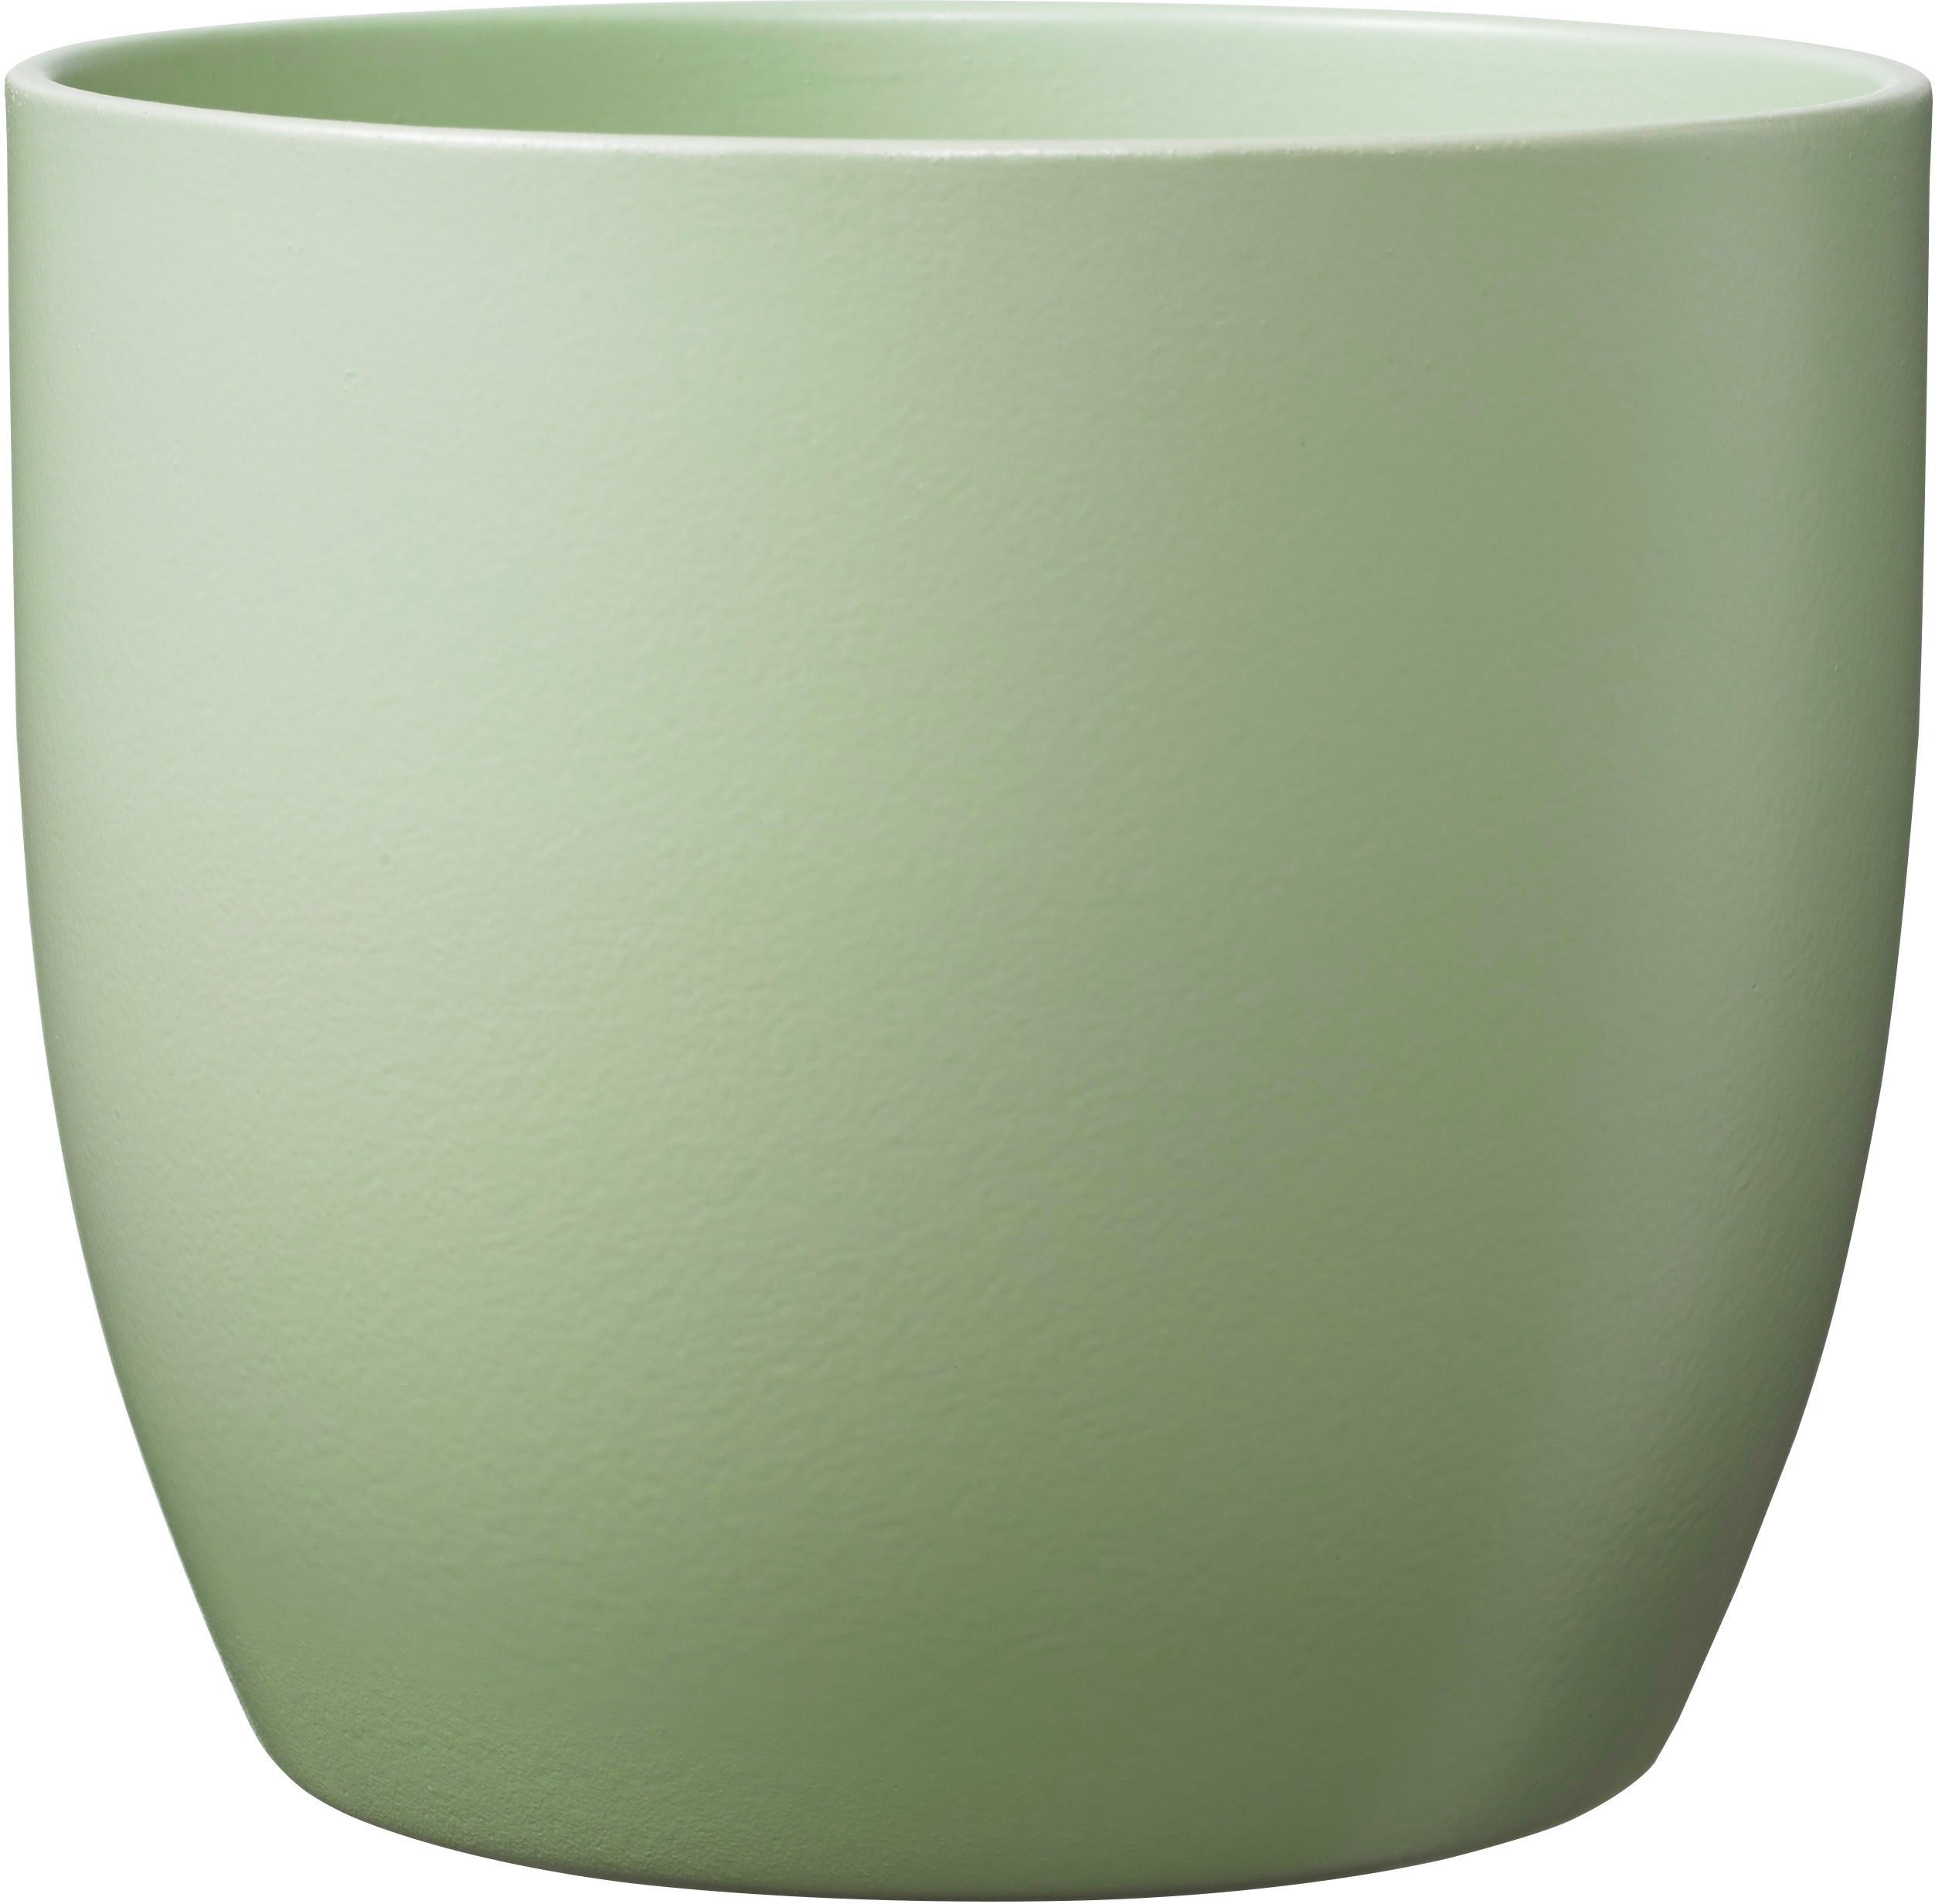 בזל ירוק בהיר